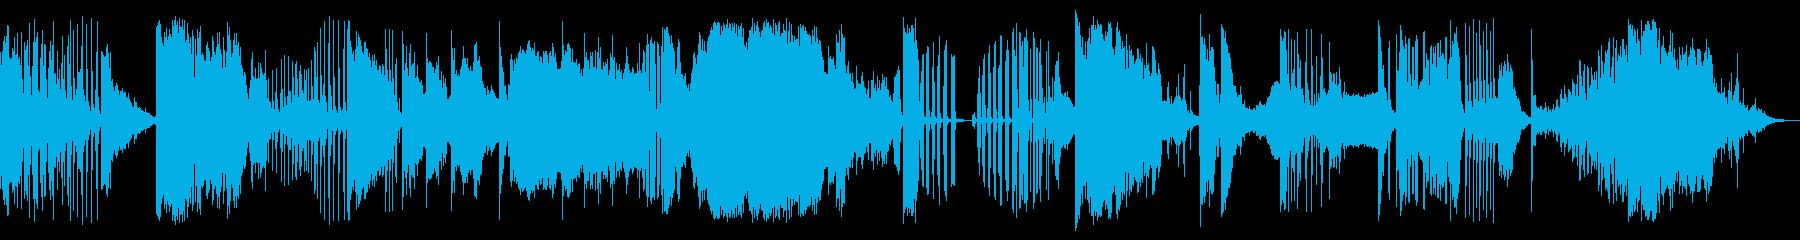 ロングショットボウリングストライクの再生済みの波形